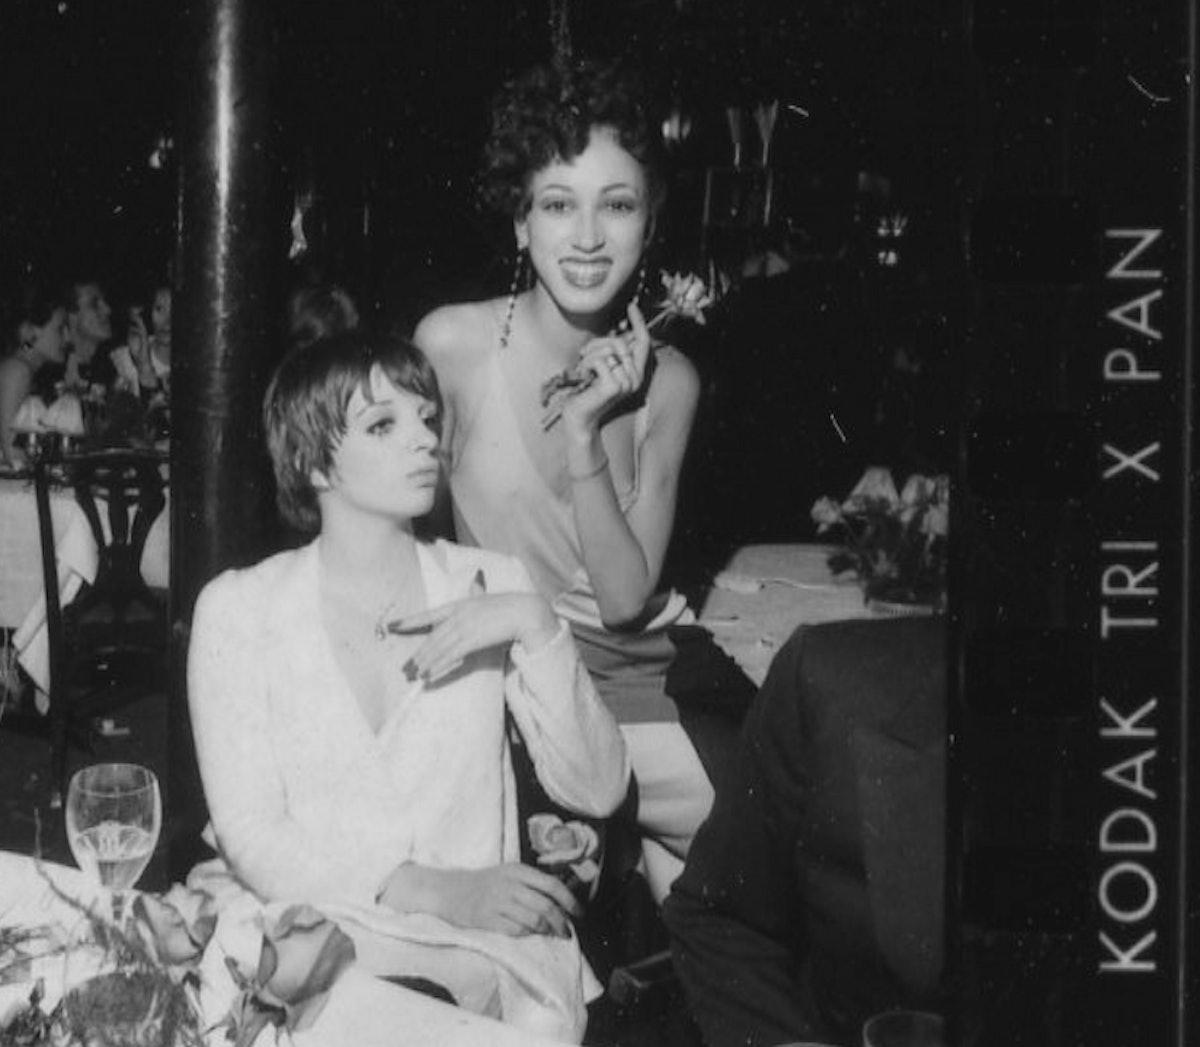 Liza Minelli and Pat Cleveland